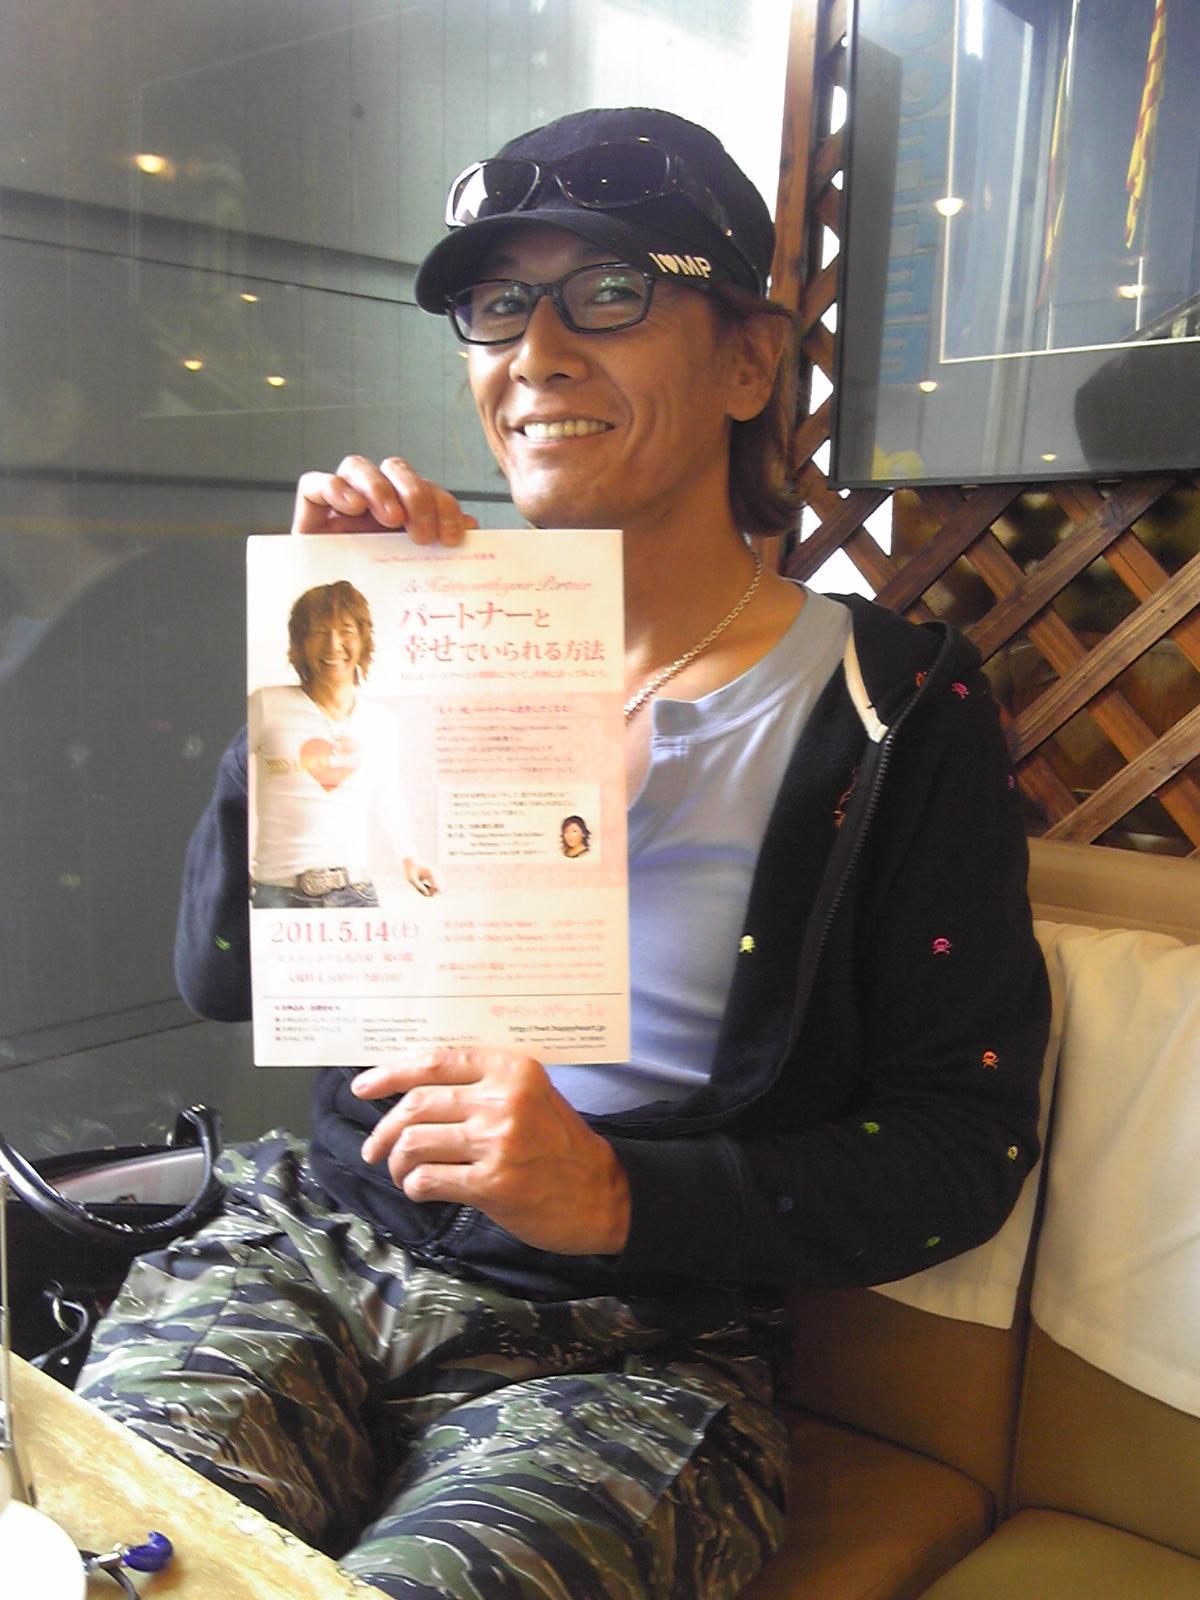 ☆5/14 加藤鷹さんトークショーのご案内☆_e0142585_17113374.jpg